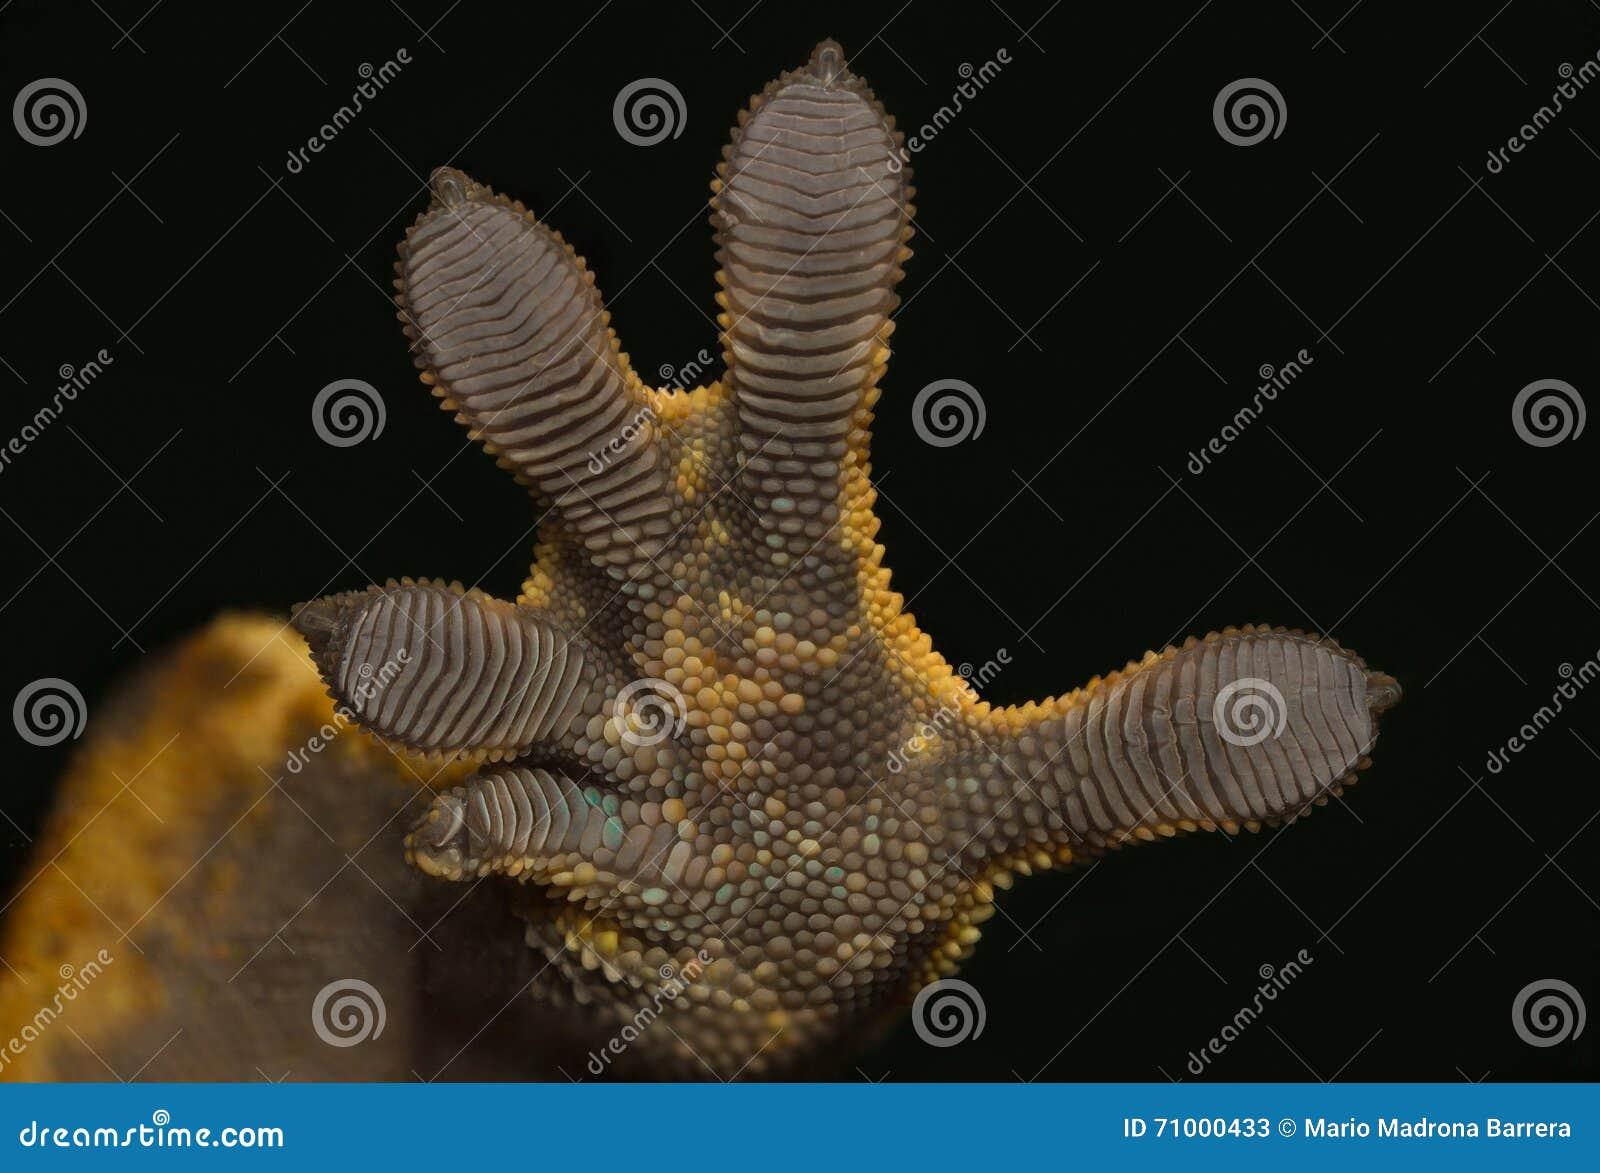 Gecko hand